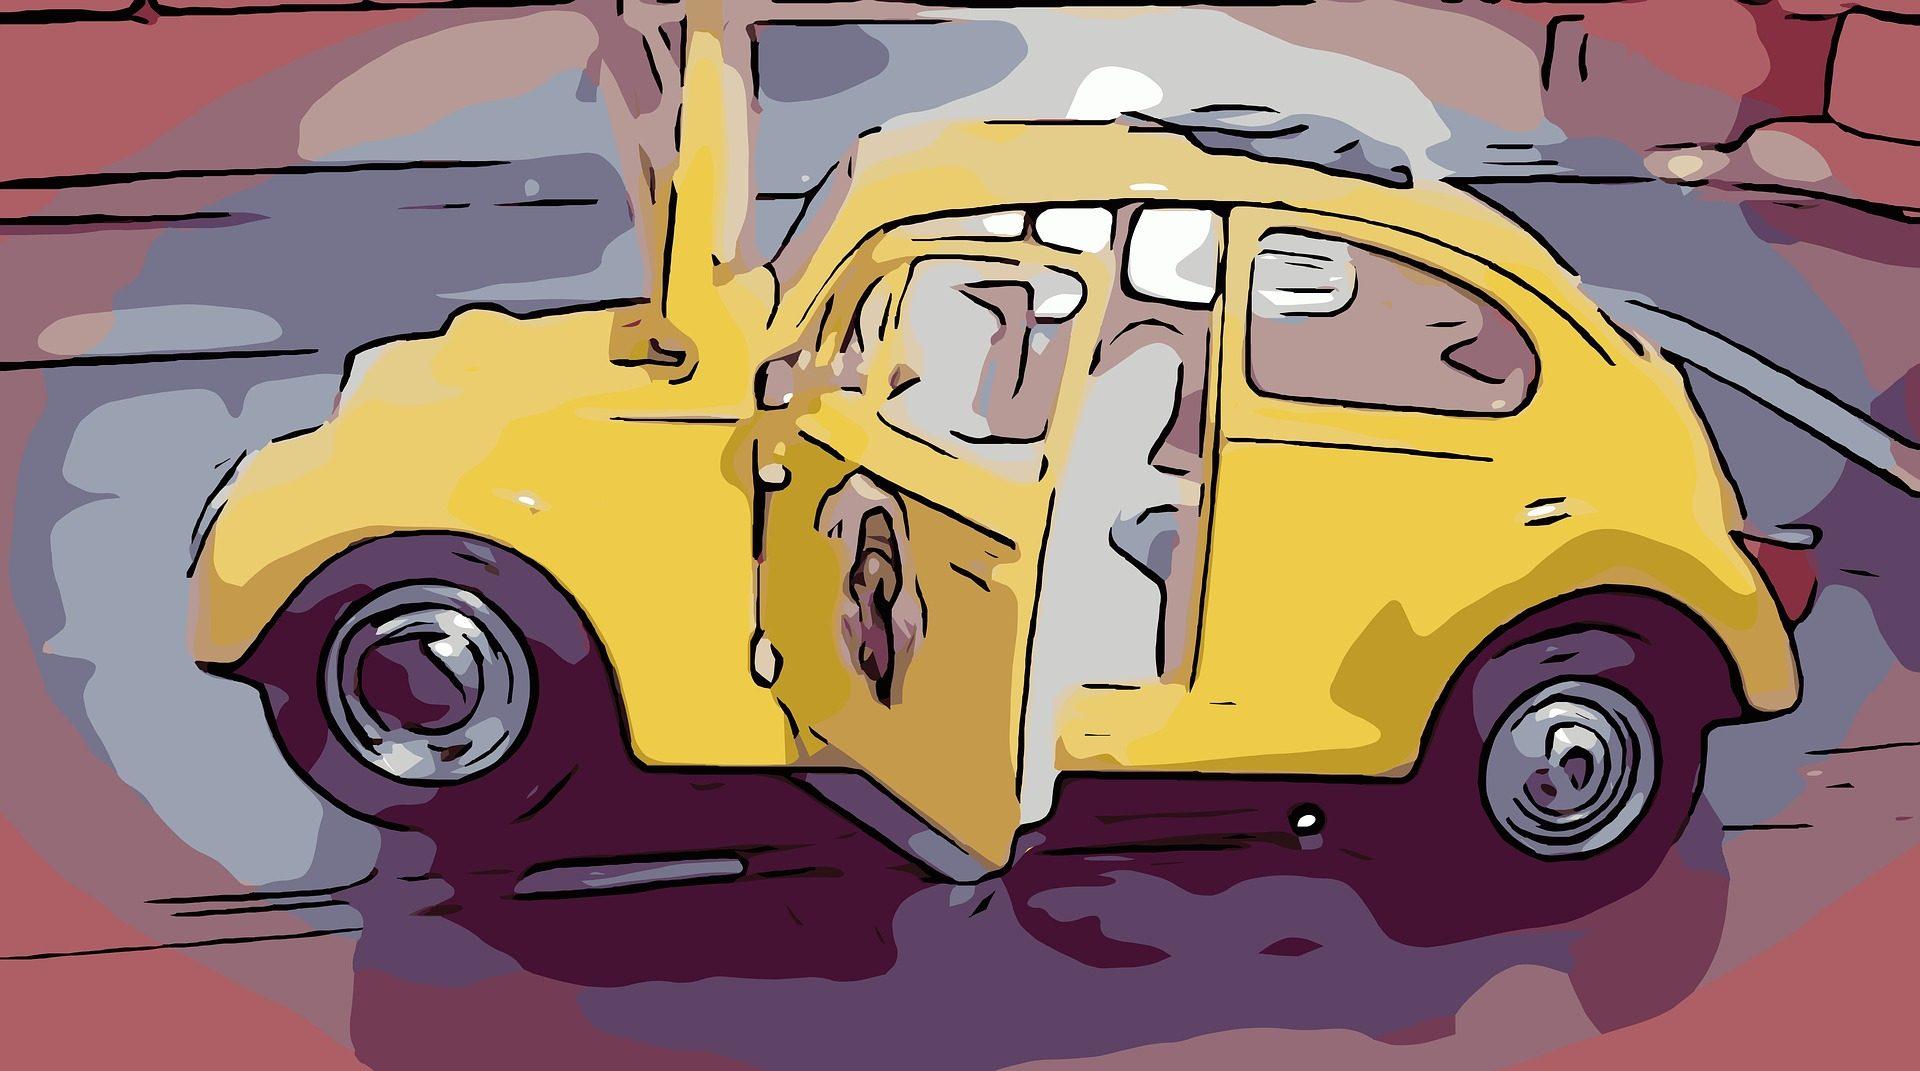 αυτοκίνητο, εξακόσια, σκαθάρι, Ζωγραφική, Κίτρινο - Wallpapers HD - Professor-falken.com